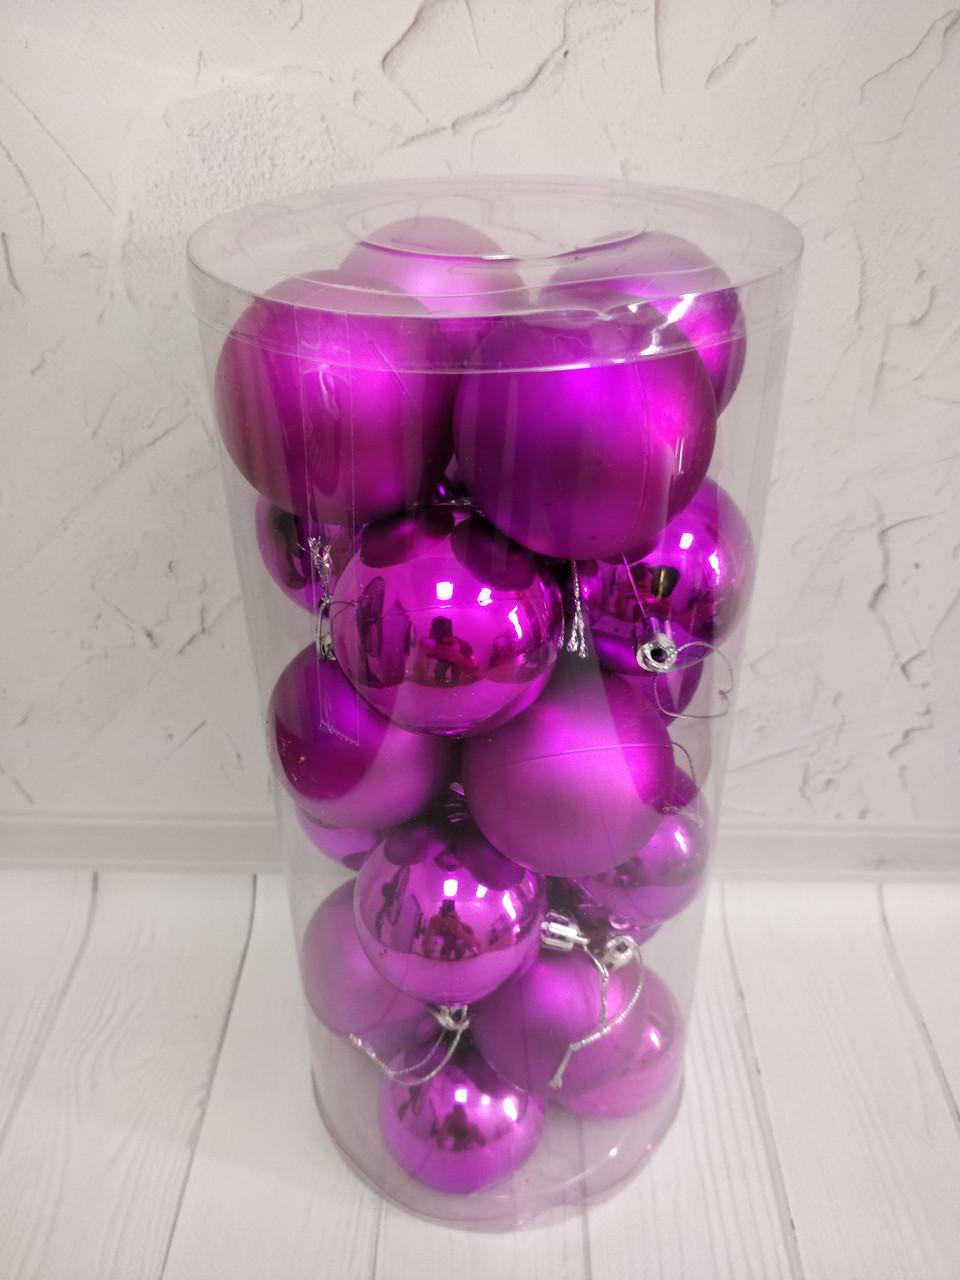 Шары новогодние в колбе 24шт. 60мм фиолетовые